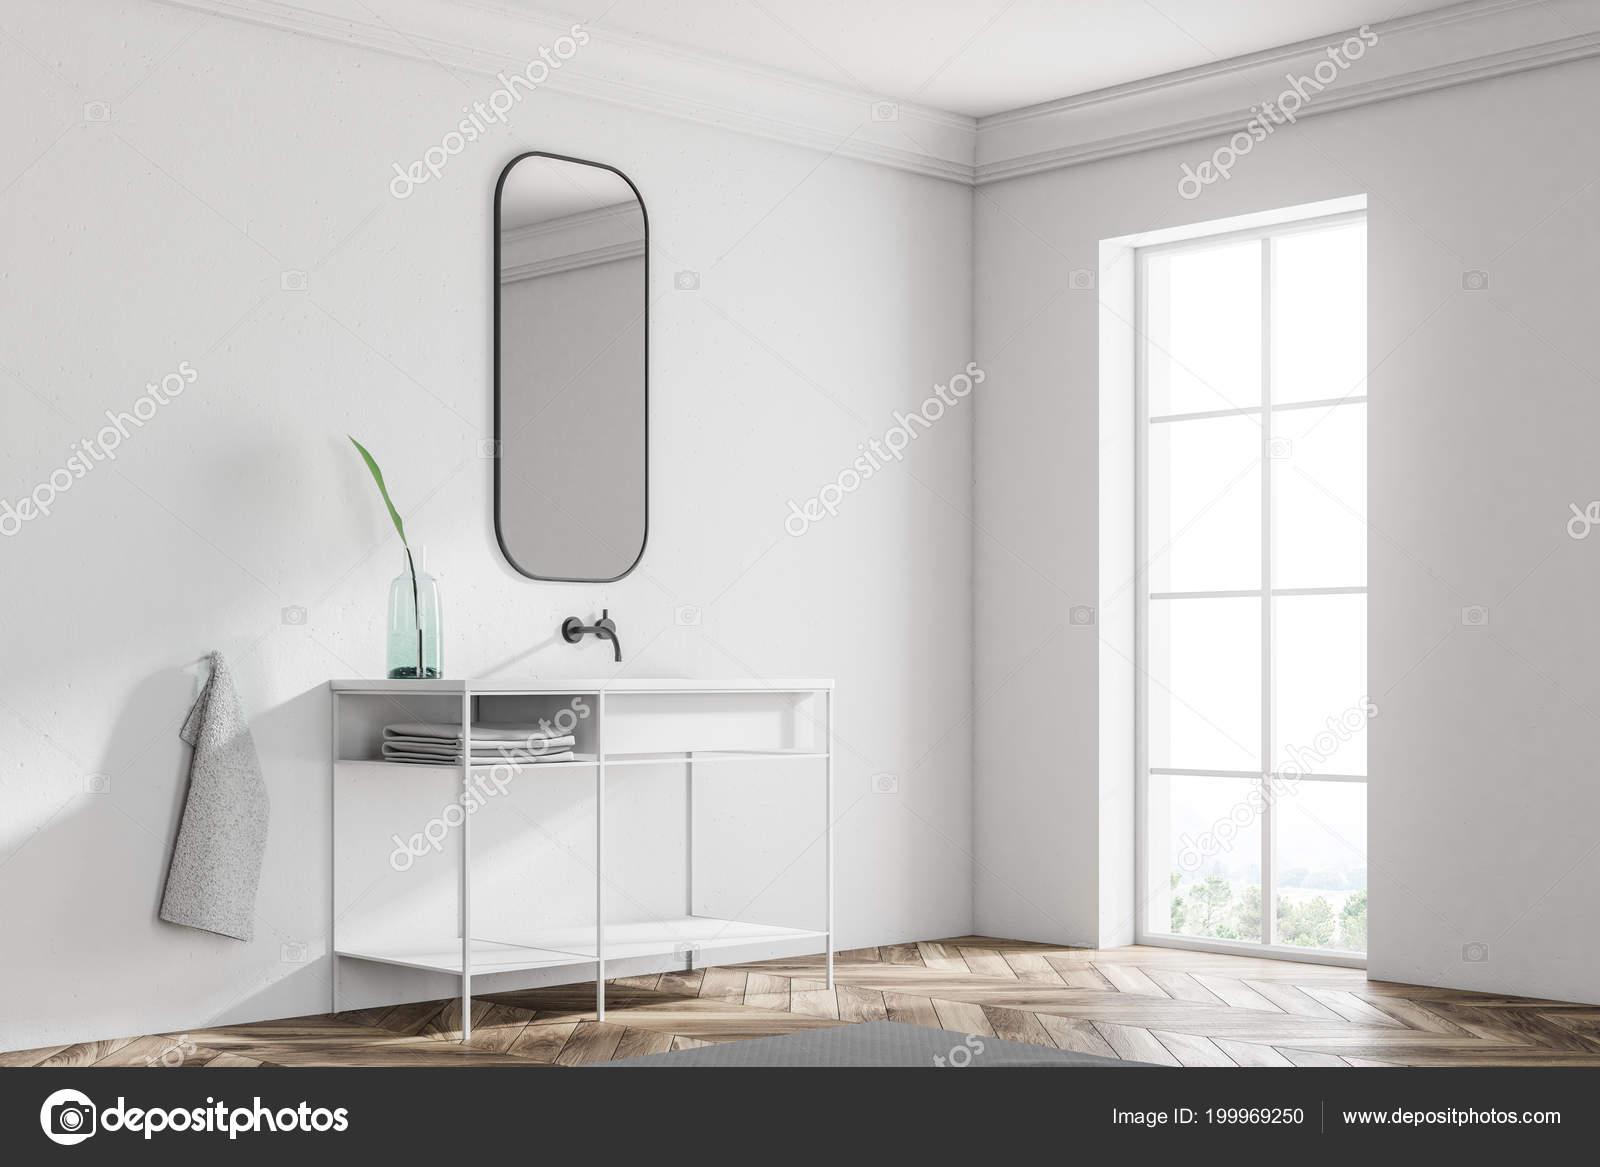 Weiße Badezimmer Waschbecken Stehend Einer Skandinavischen Stil Bad ...